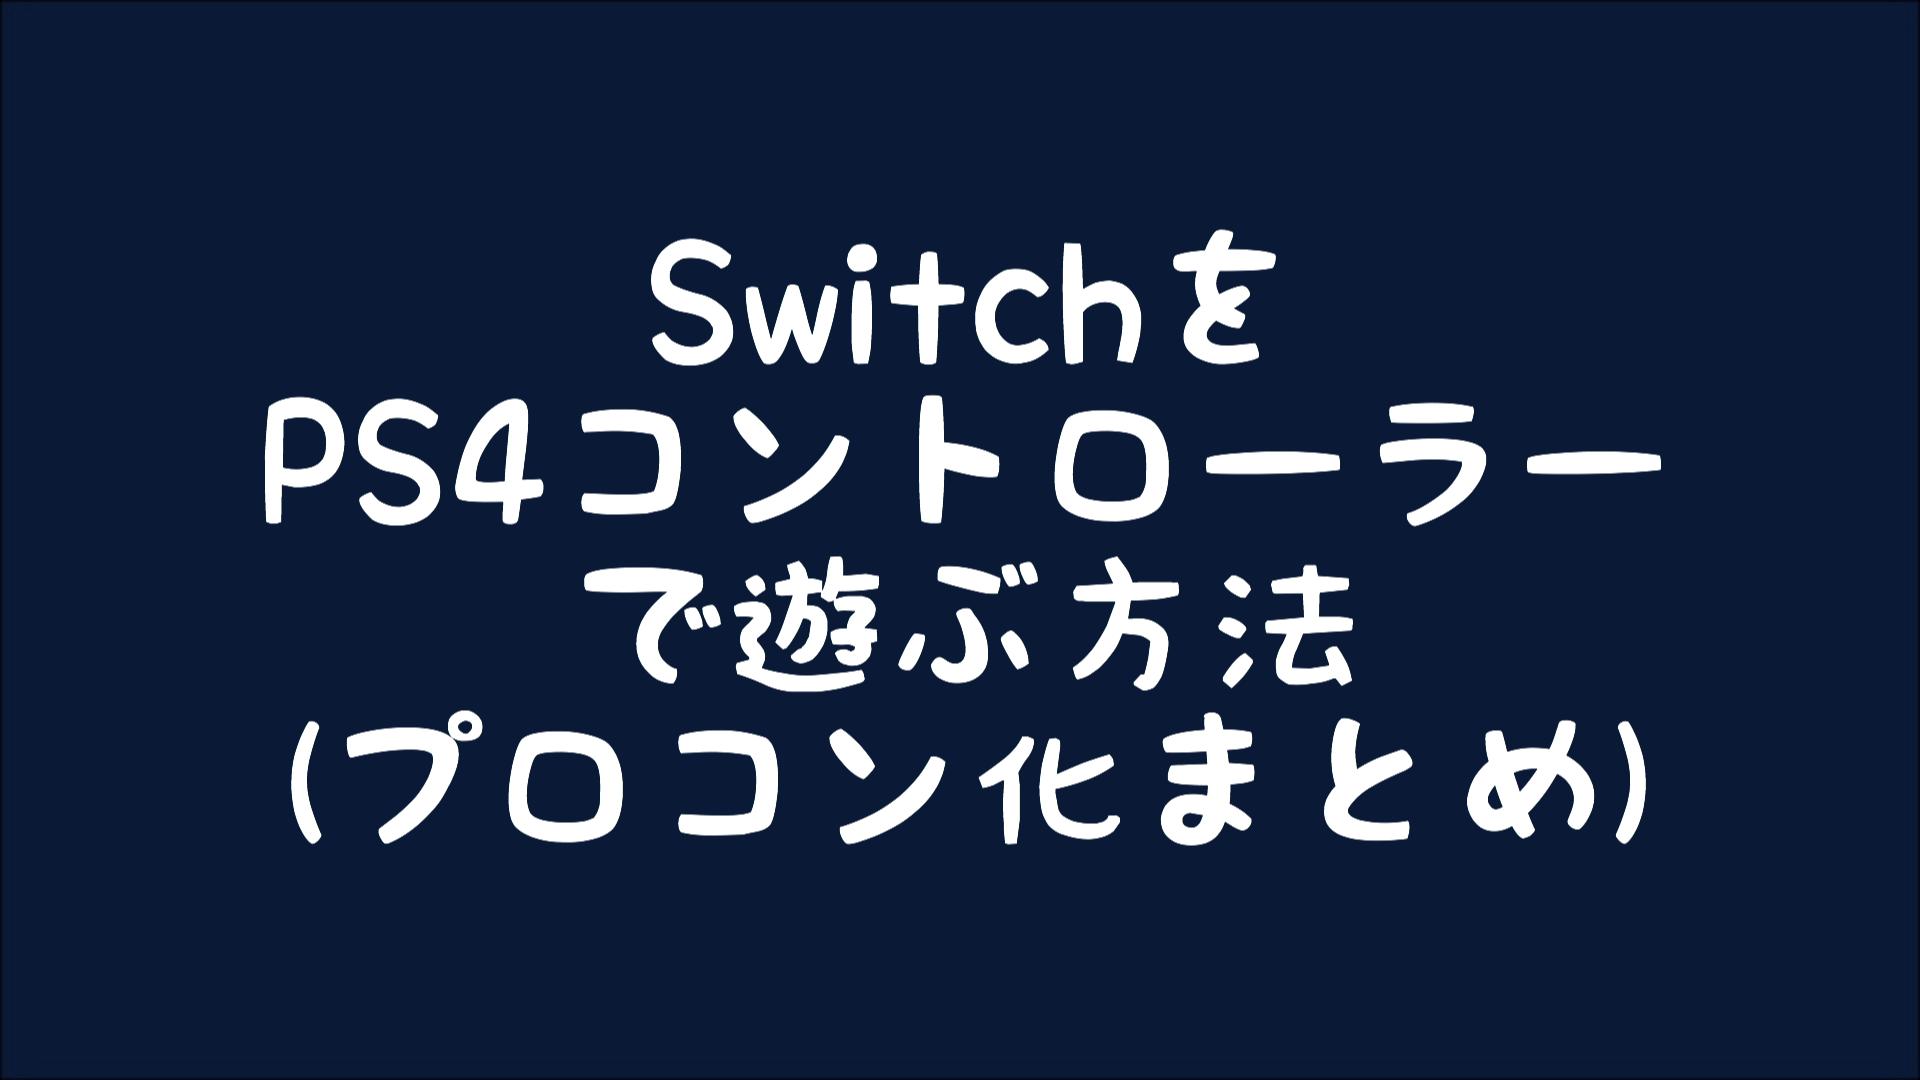 【製品レビュー】任天堂SwitchをPS4コントローラー(DualShock4)で遊ぶ方法